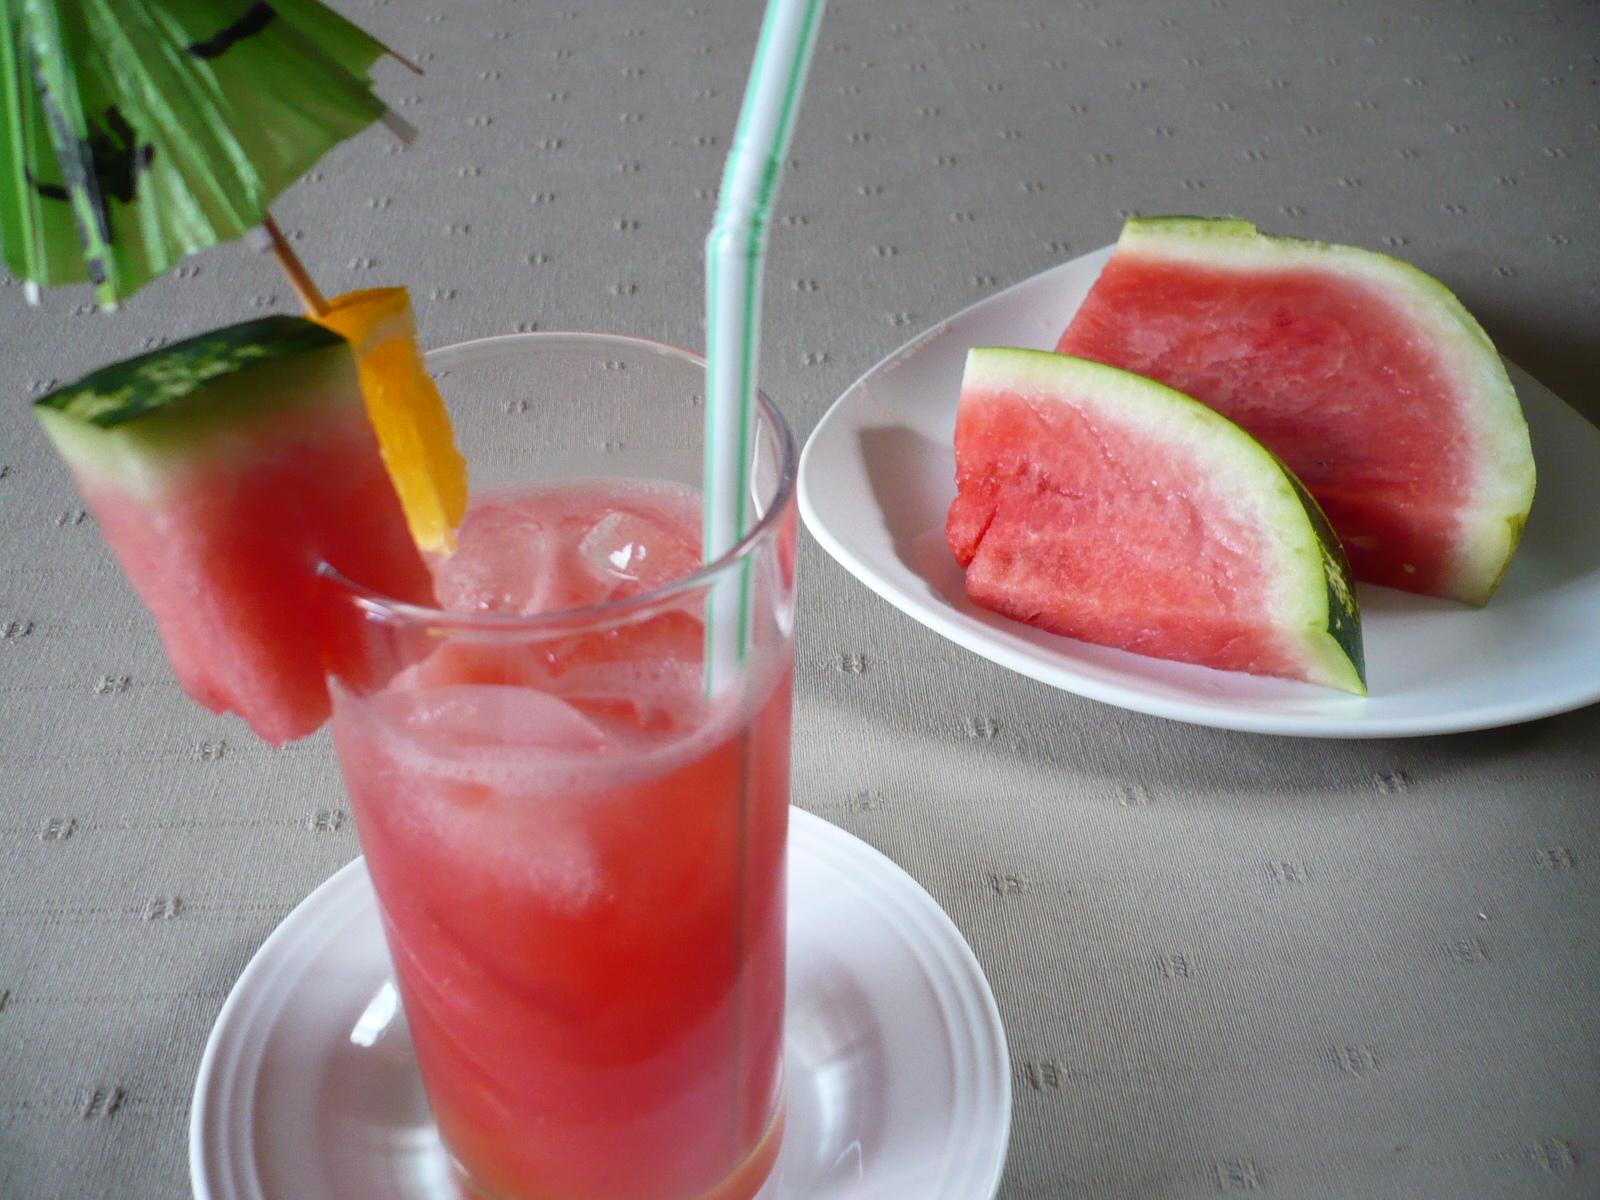 Melounový osvěžující nápoj